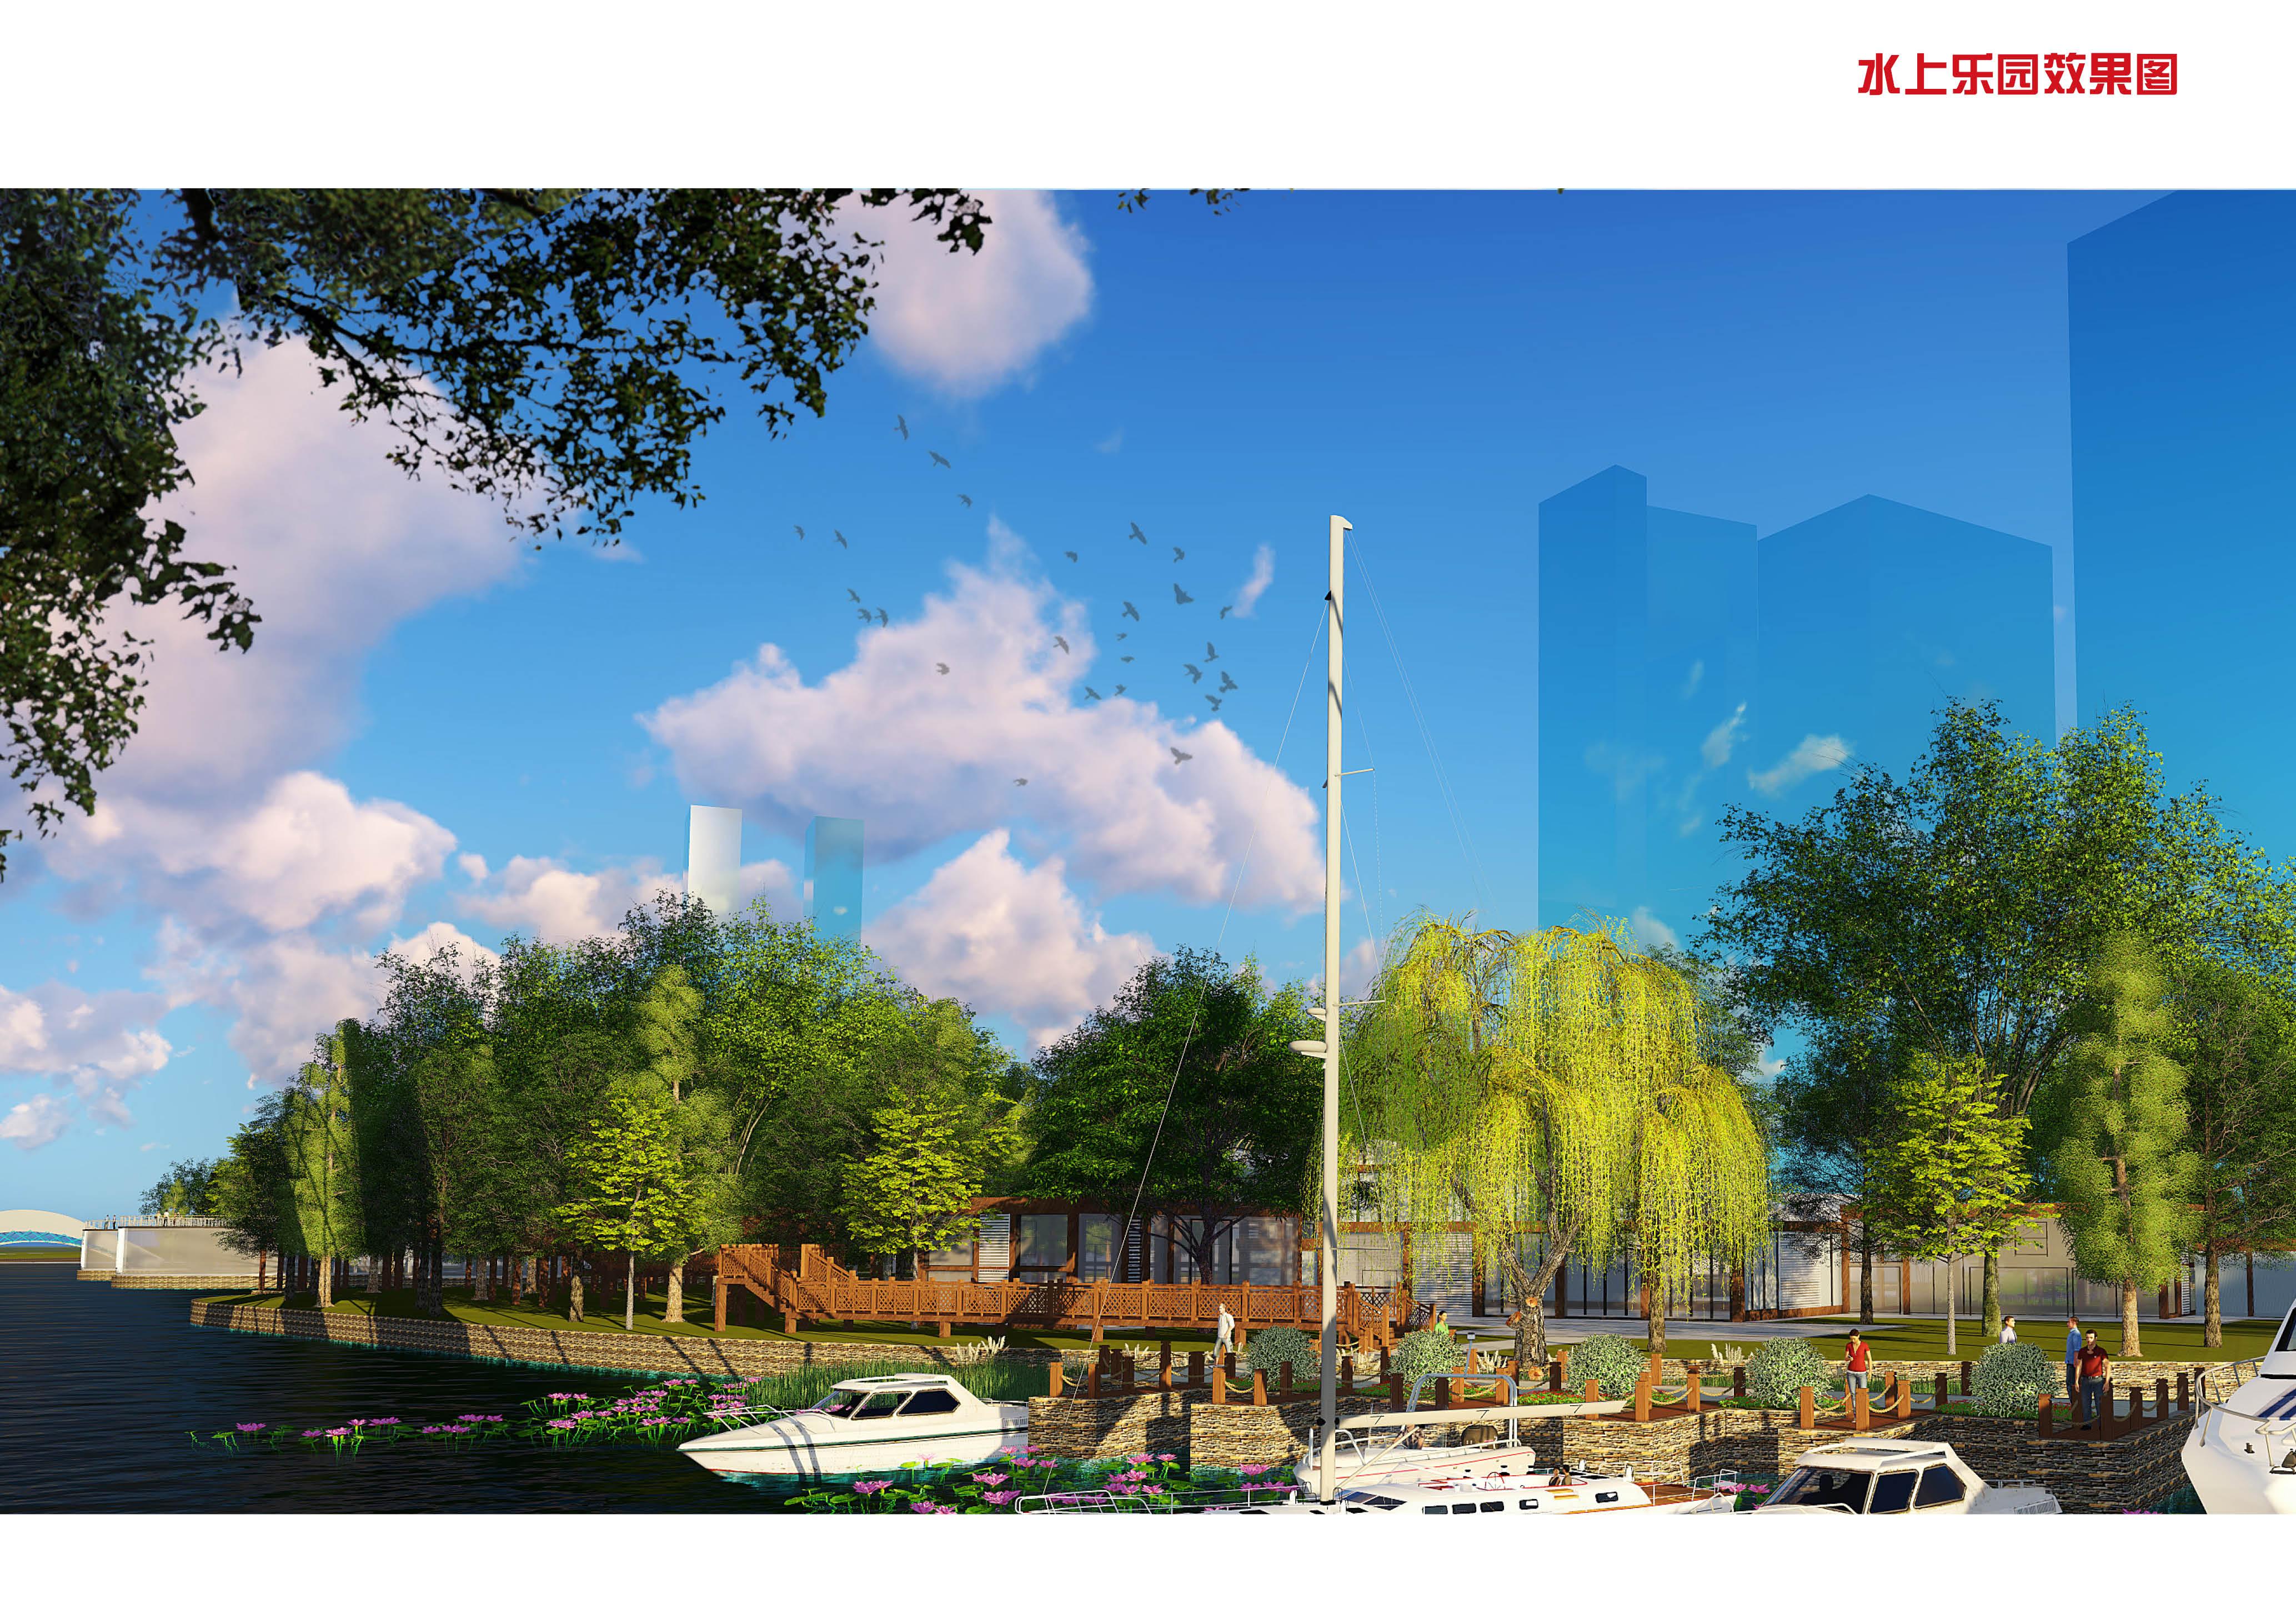 洋口港开发区海洋主题公园-洋口港开发区海洋主题公园景观设计85